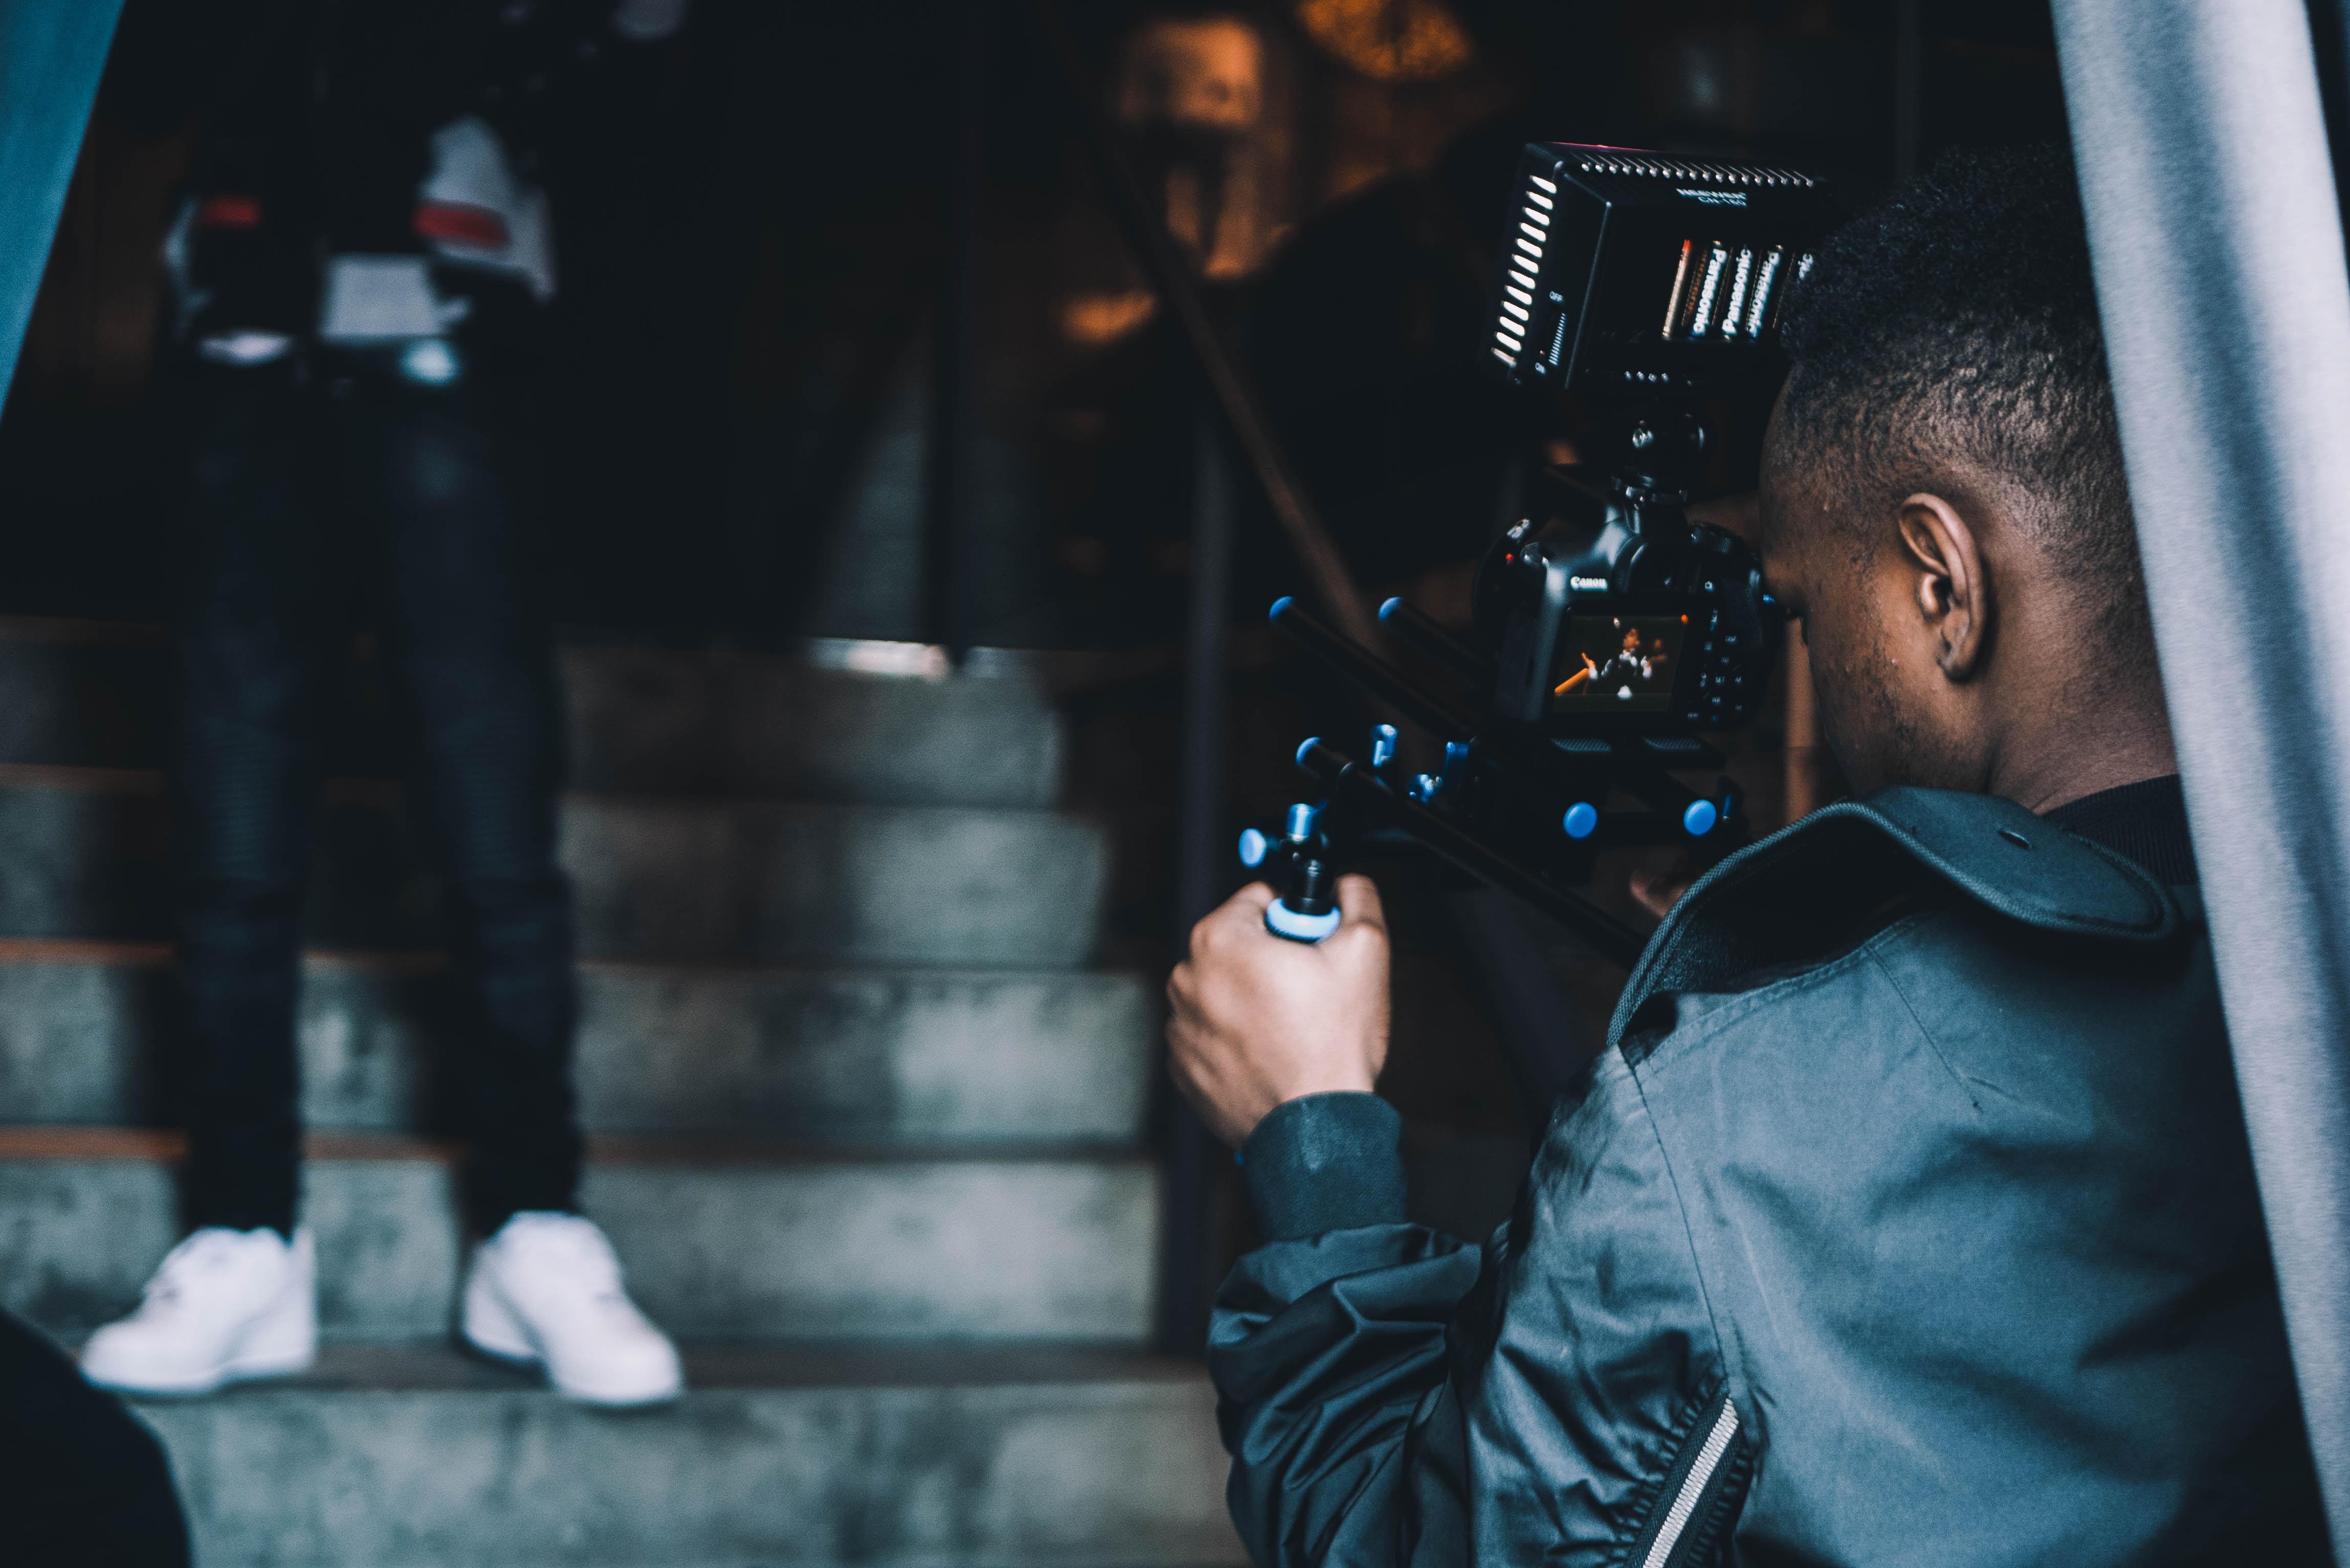 Filmmaker presence is everthing